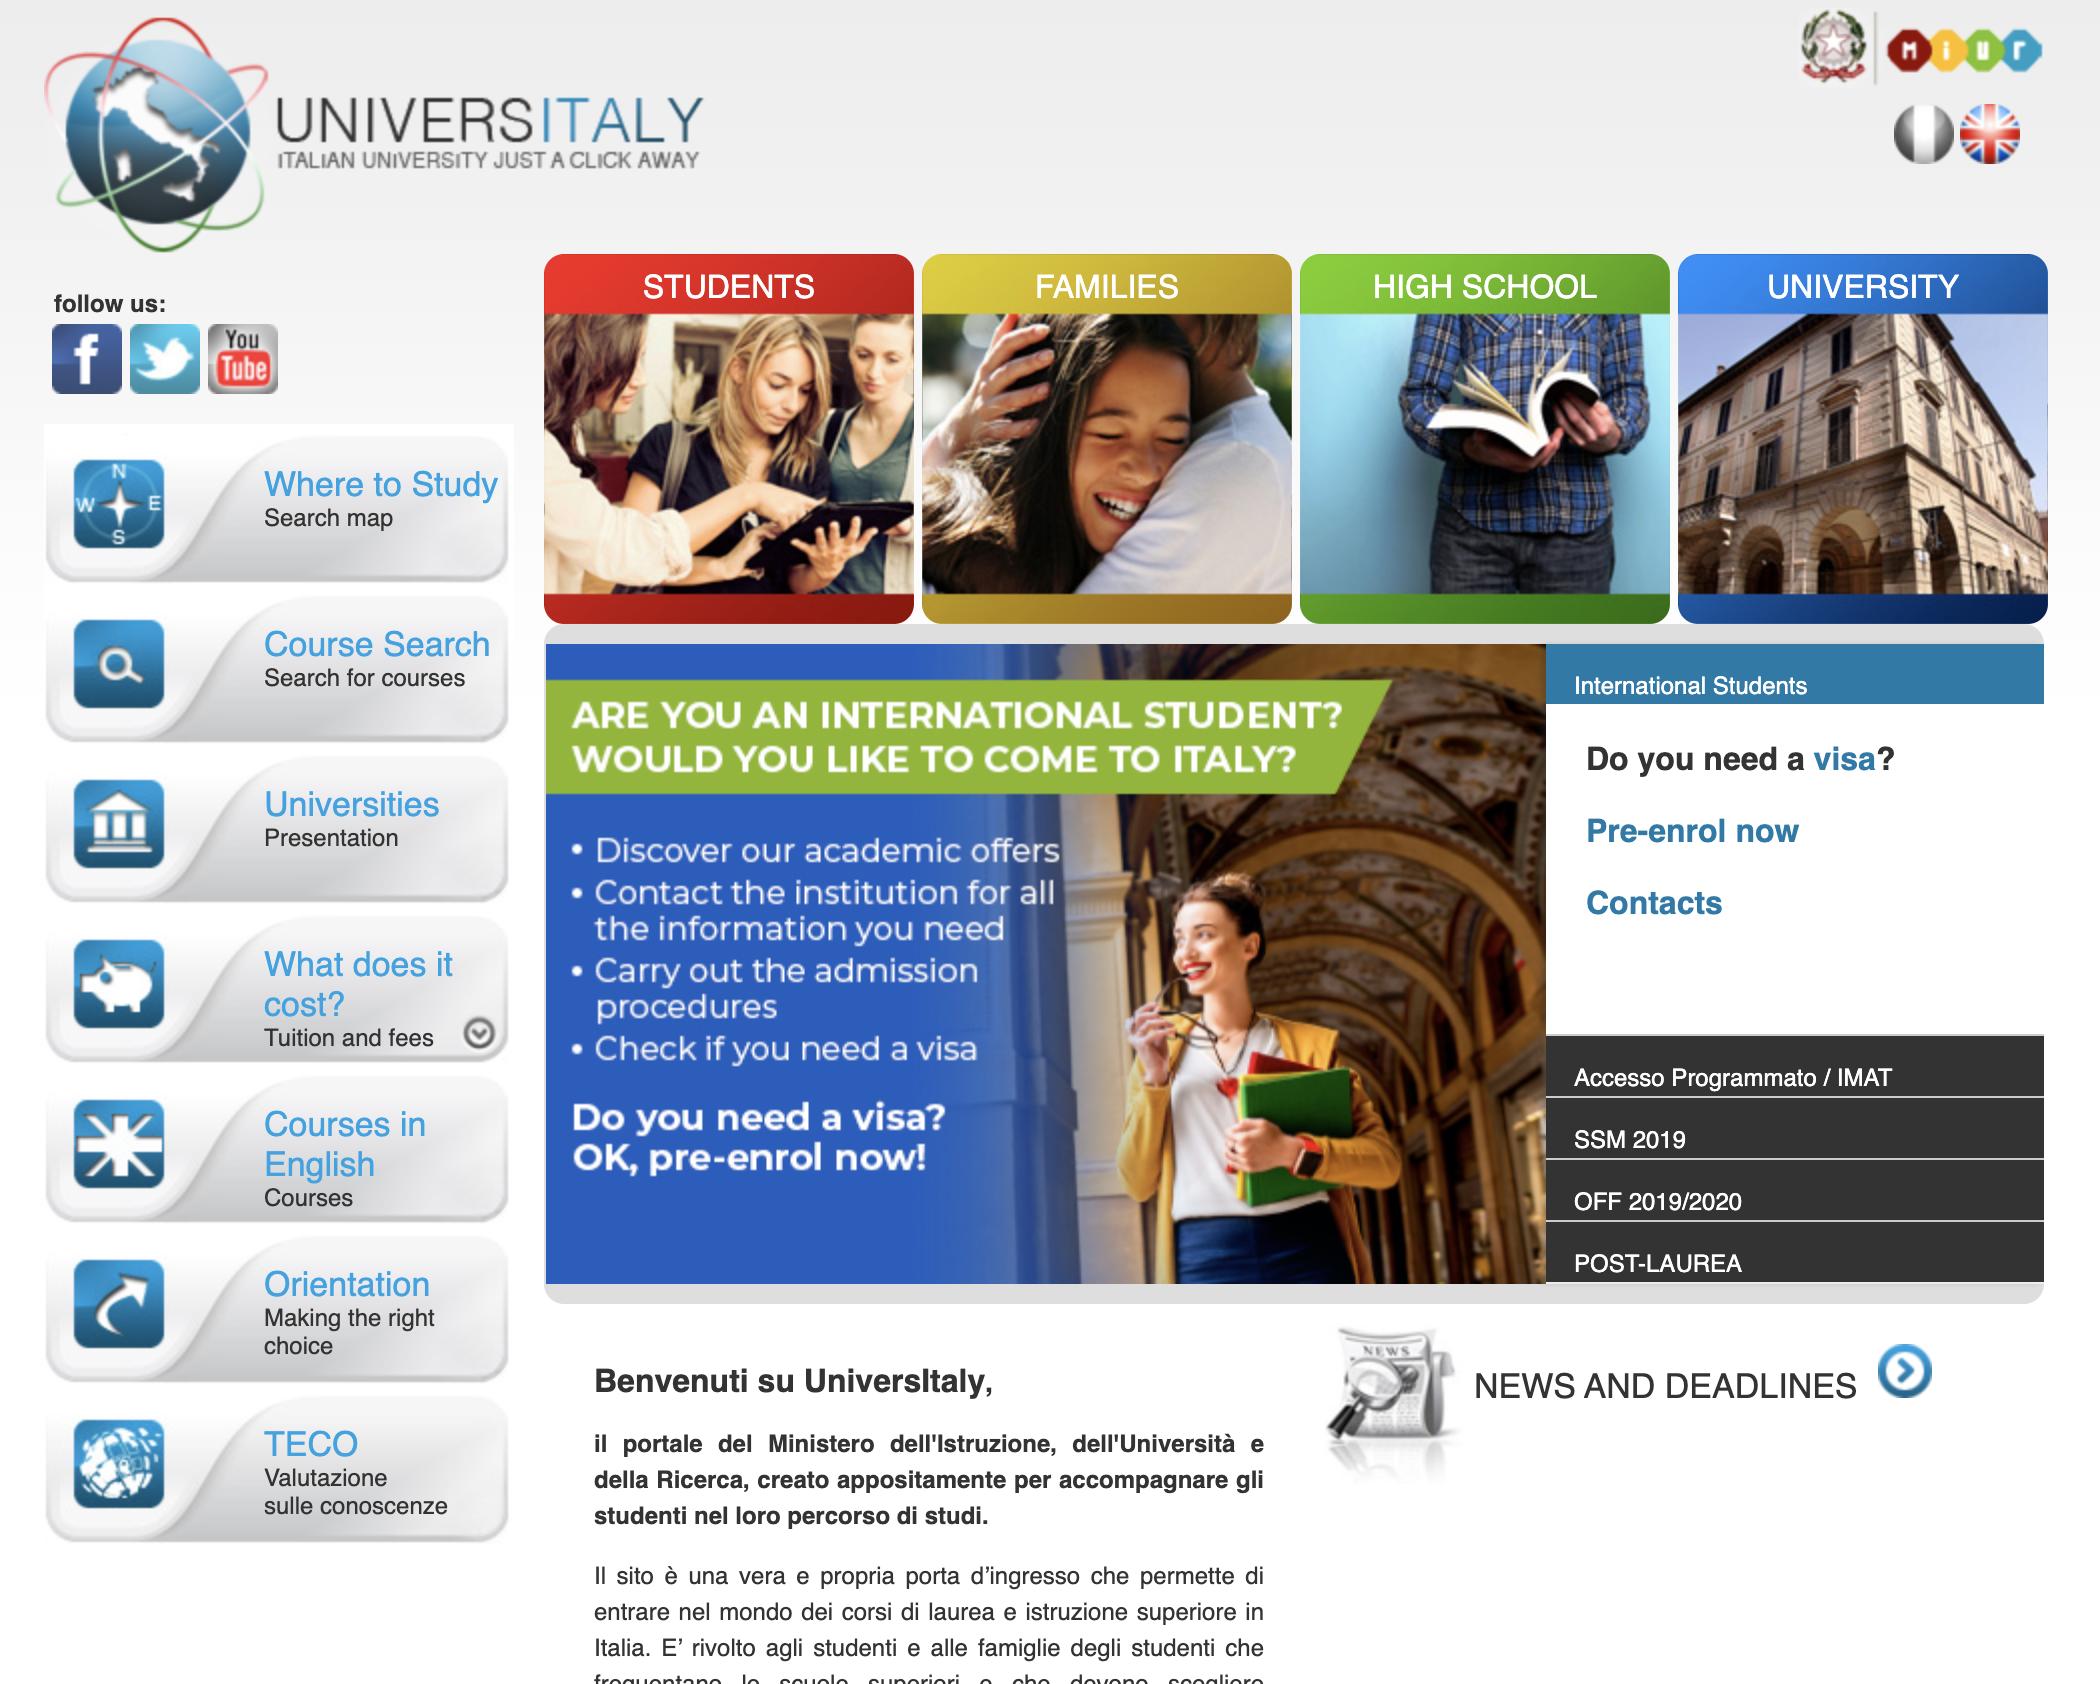 קדם הרשמה לפקולטות לרפואה באנגלית באיטליה